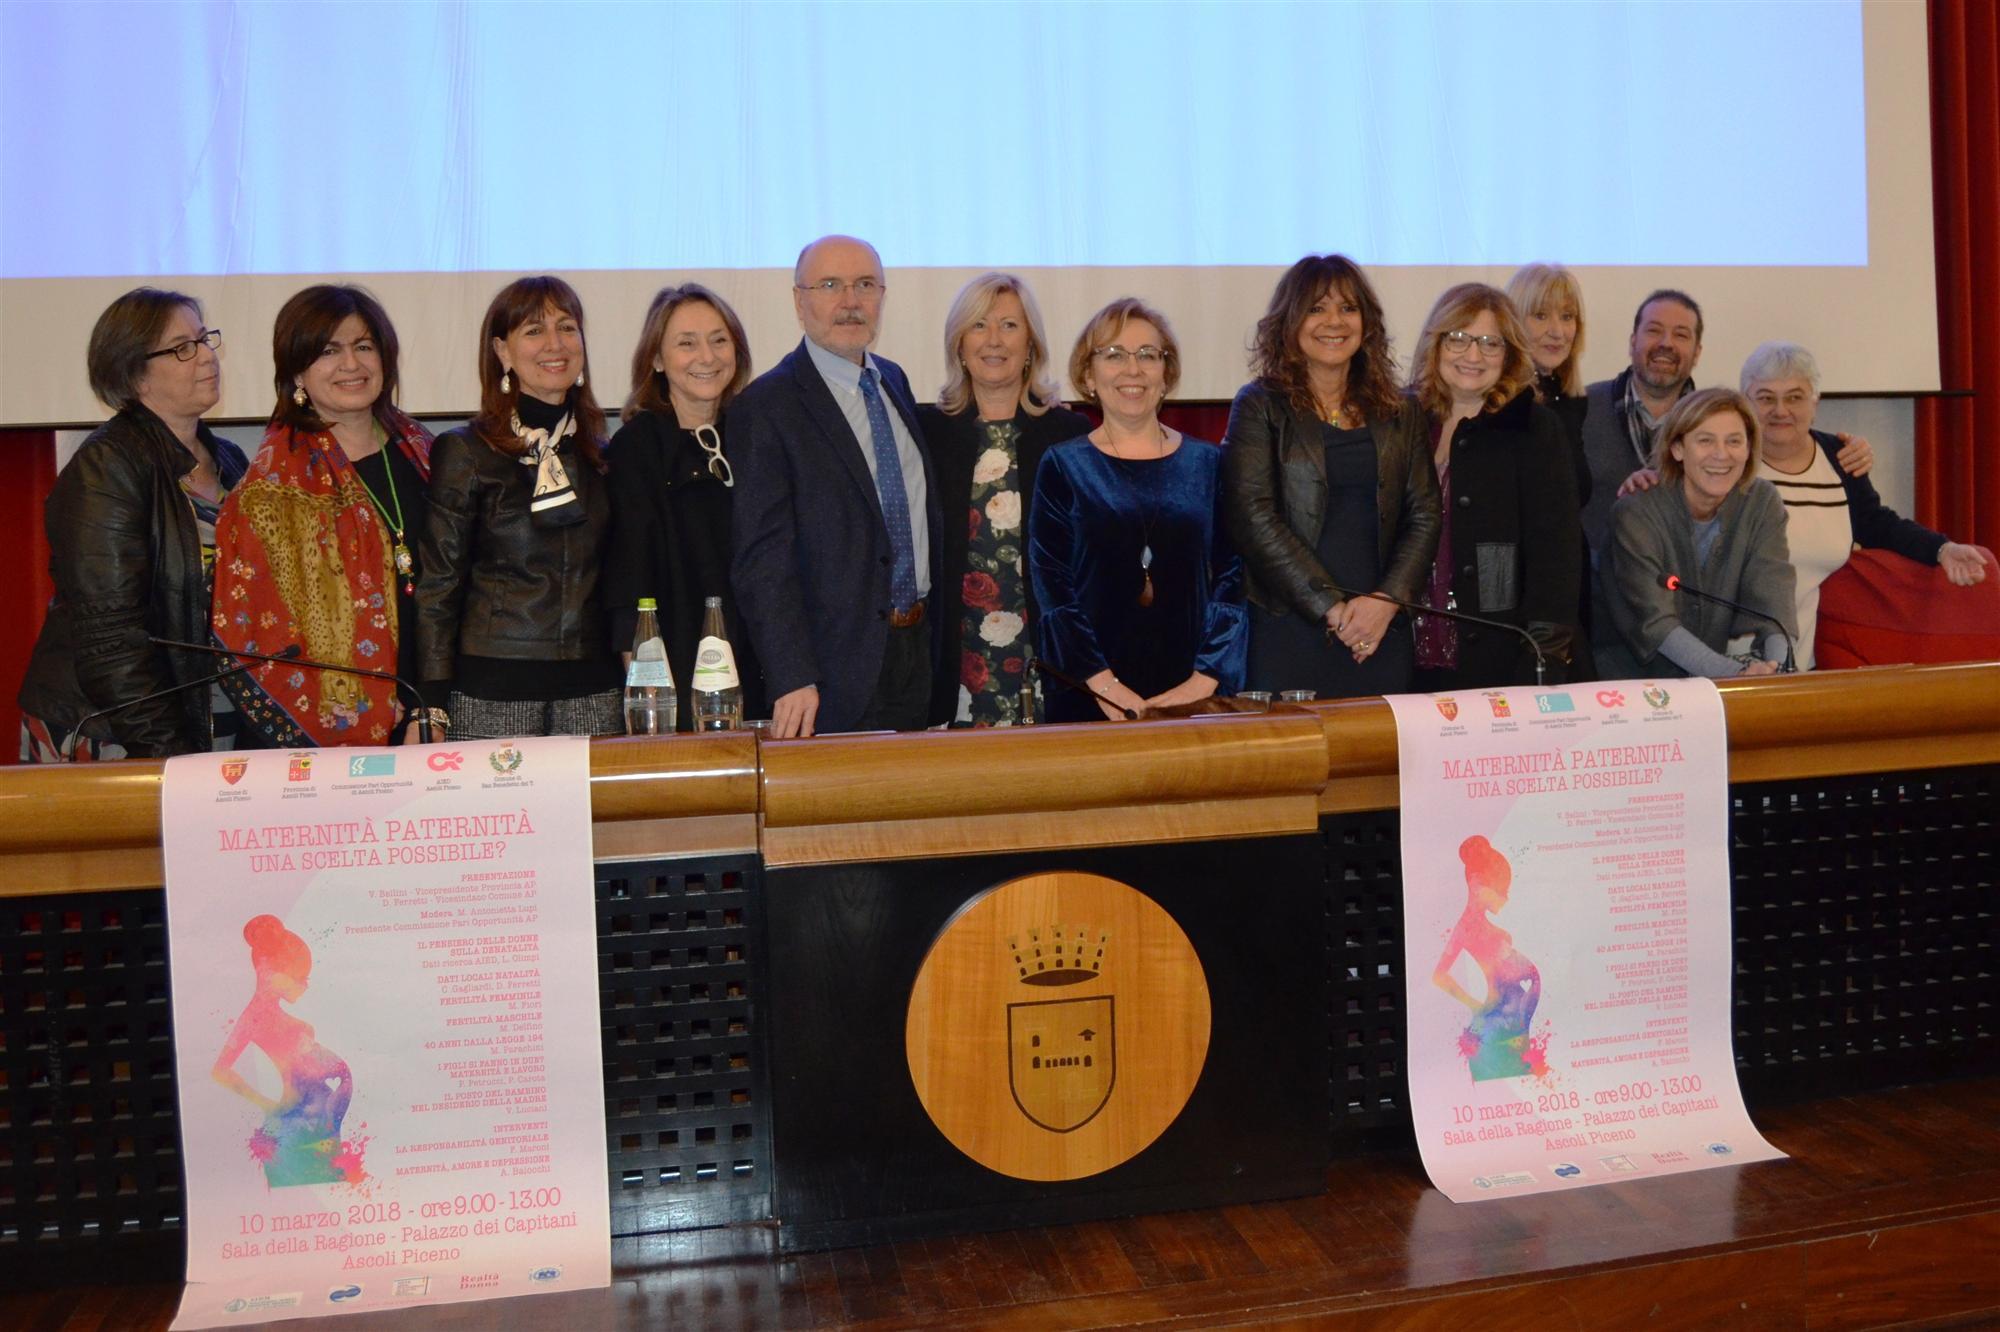 Convegno Maternità Paternita - Palazzo dei Capitan